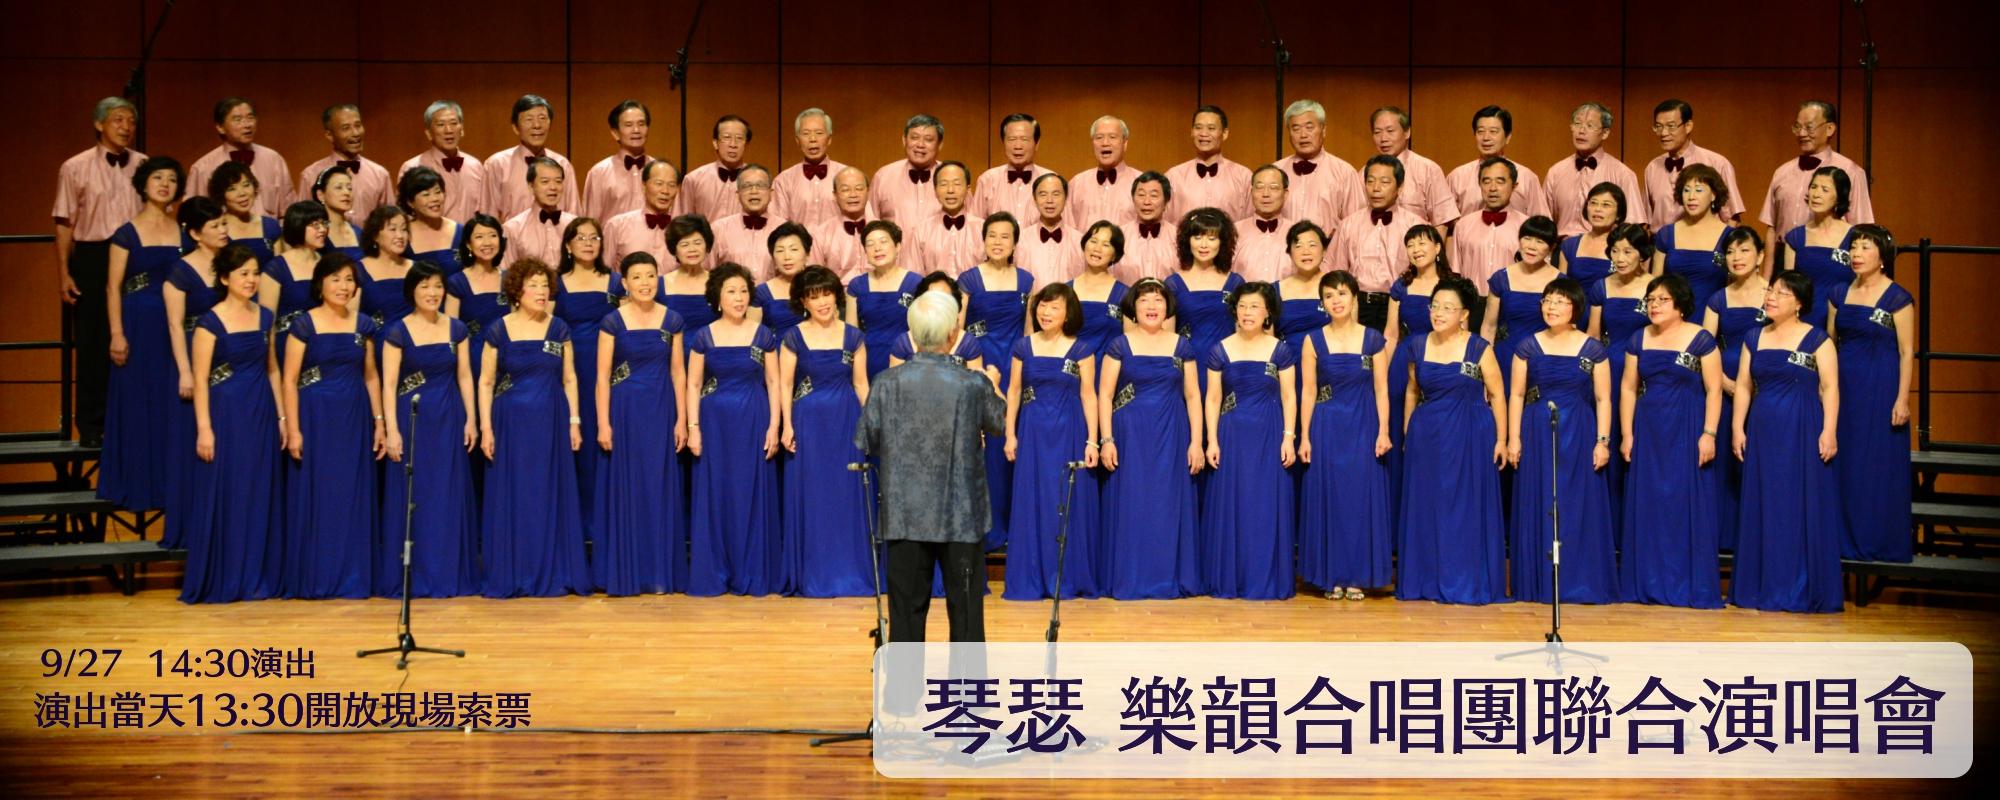 台中琴瑟合唱團-琴瑟/樂韻合唱團聯合演唱會